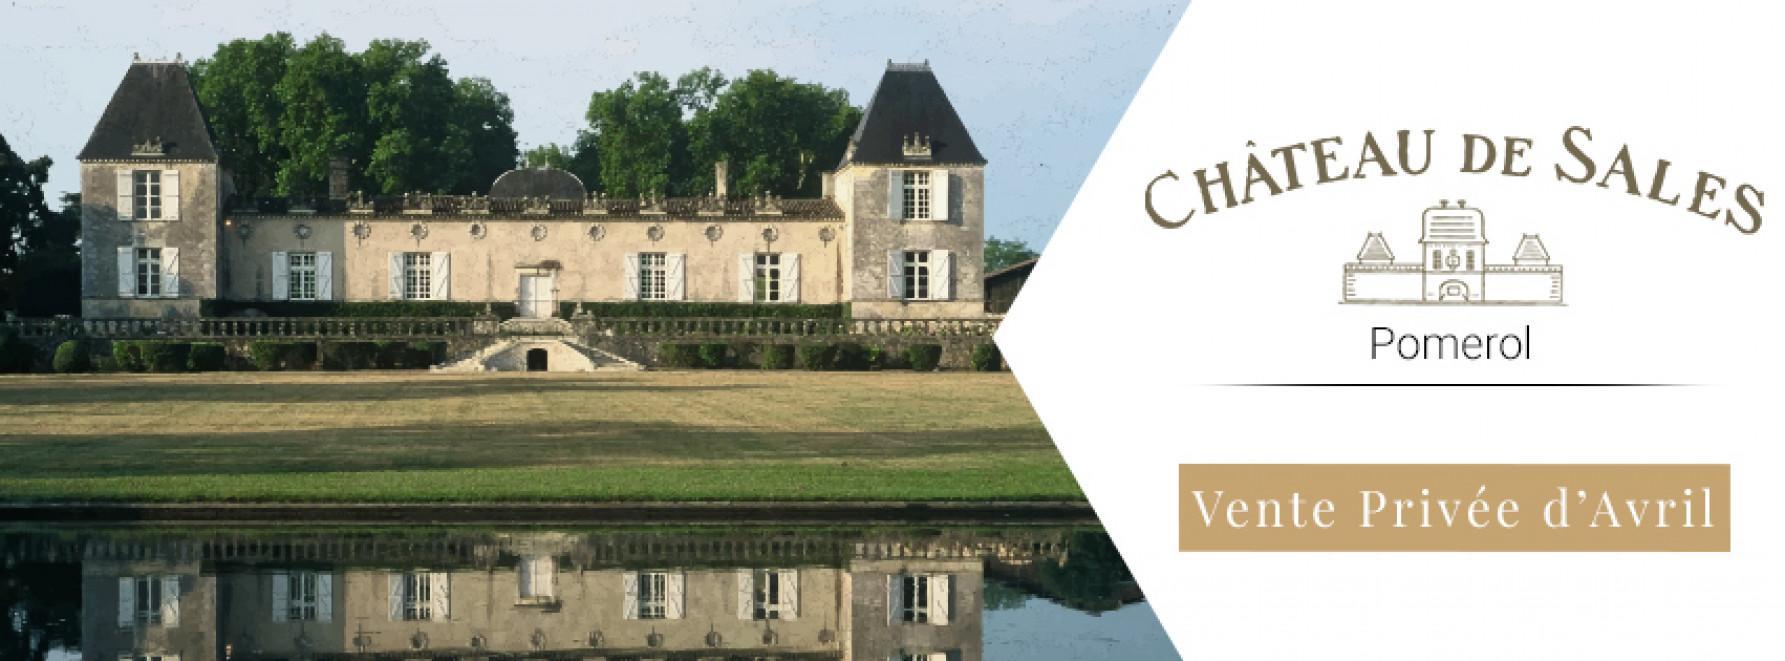 Vente Privée Château de Sales